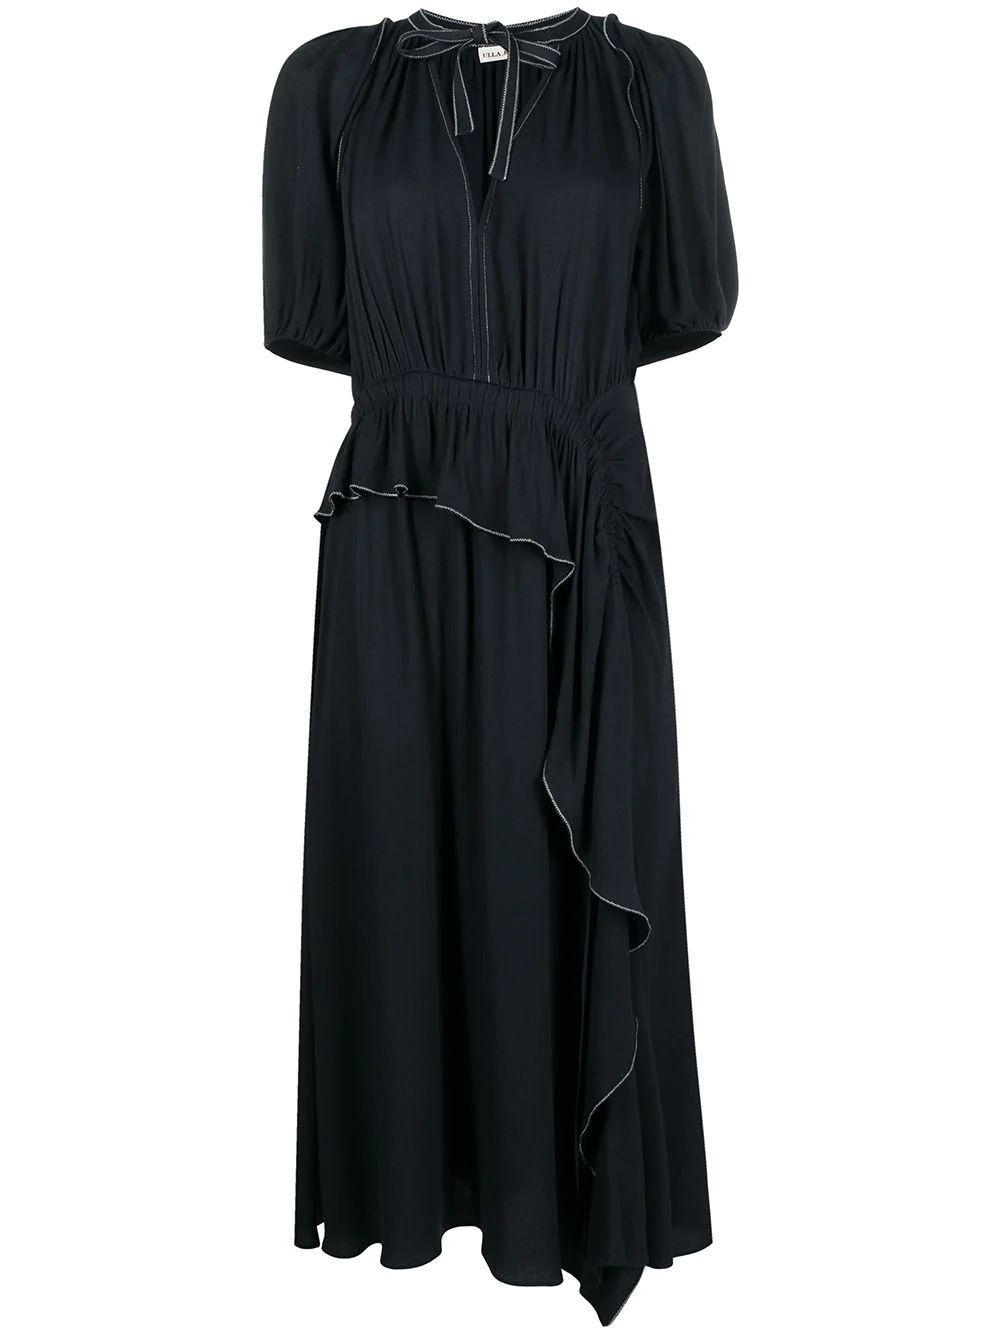 Leah Ruffle Front Dress Item # PS210107